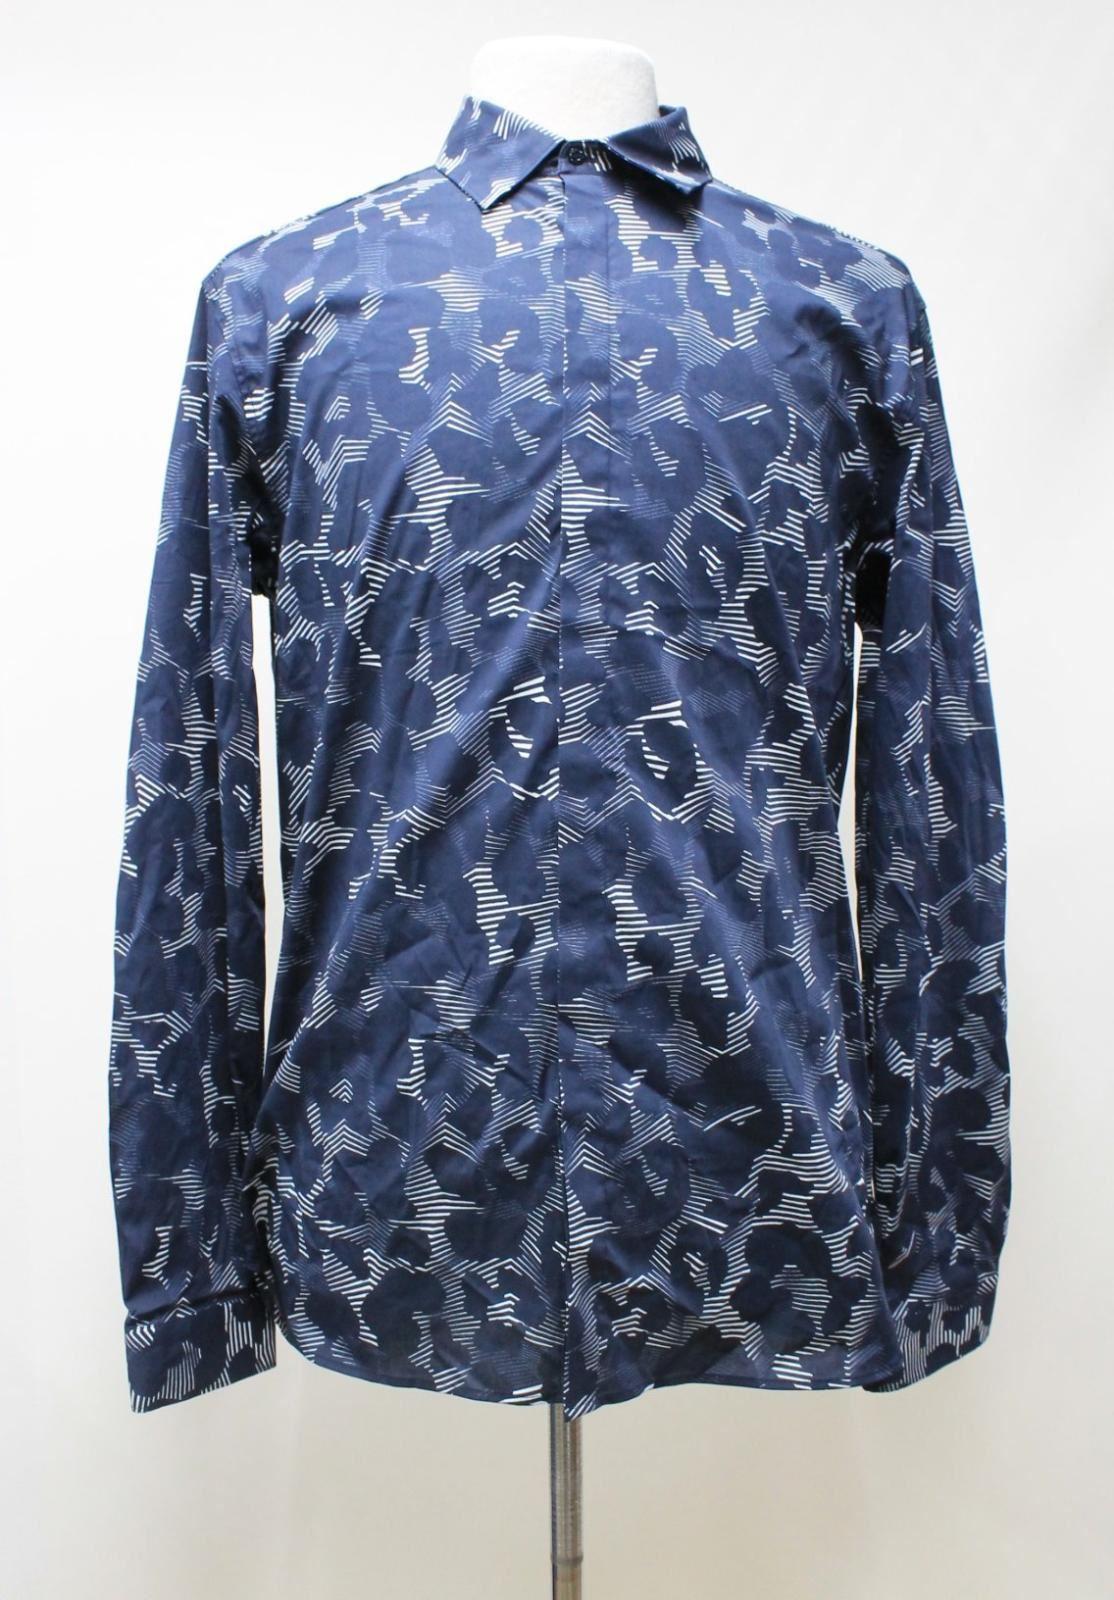 Neil-Barrett-Para-Hombre-Calce-Cenido-Estampado-Abstracto-Algodon-Azul-Con-Cuello-Camisa-16-5-034